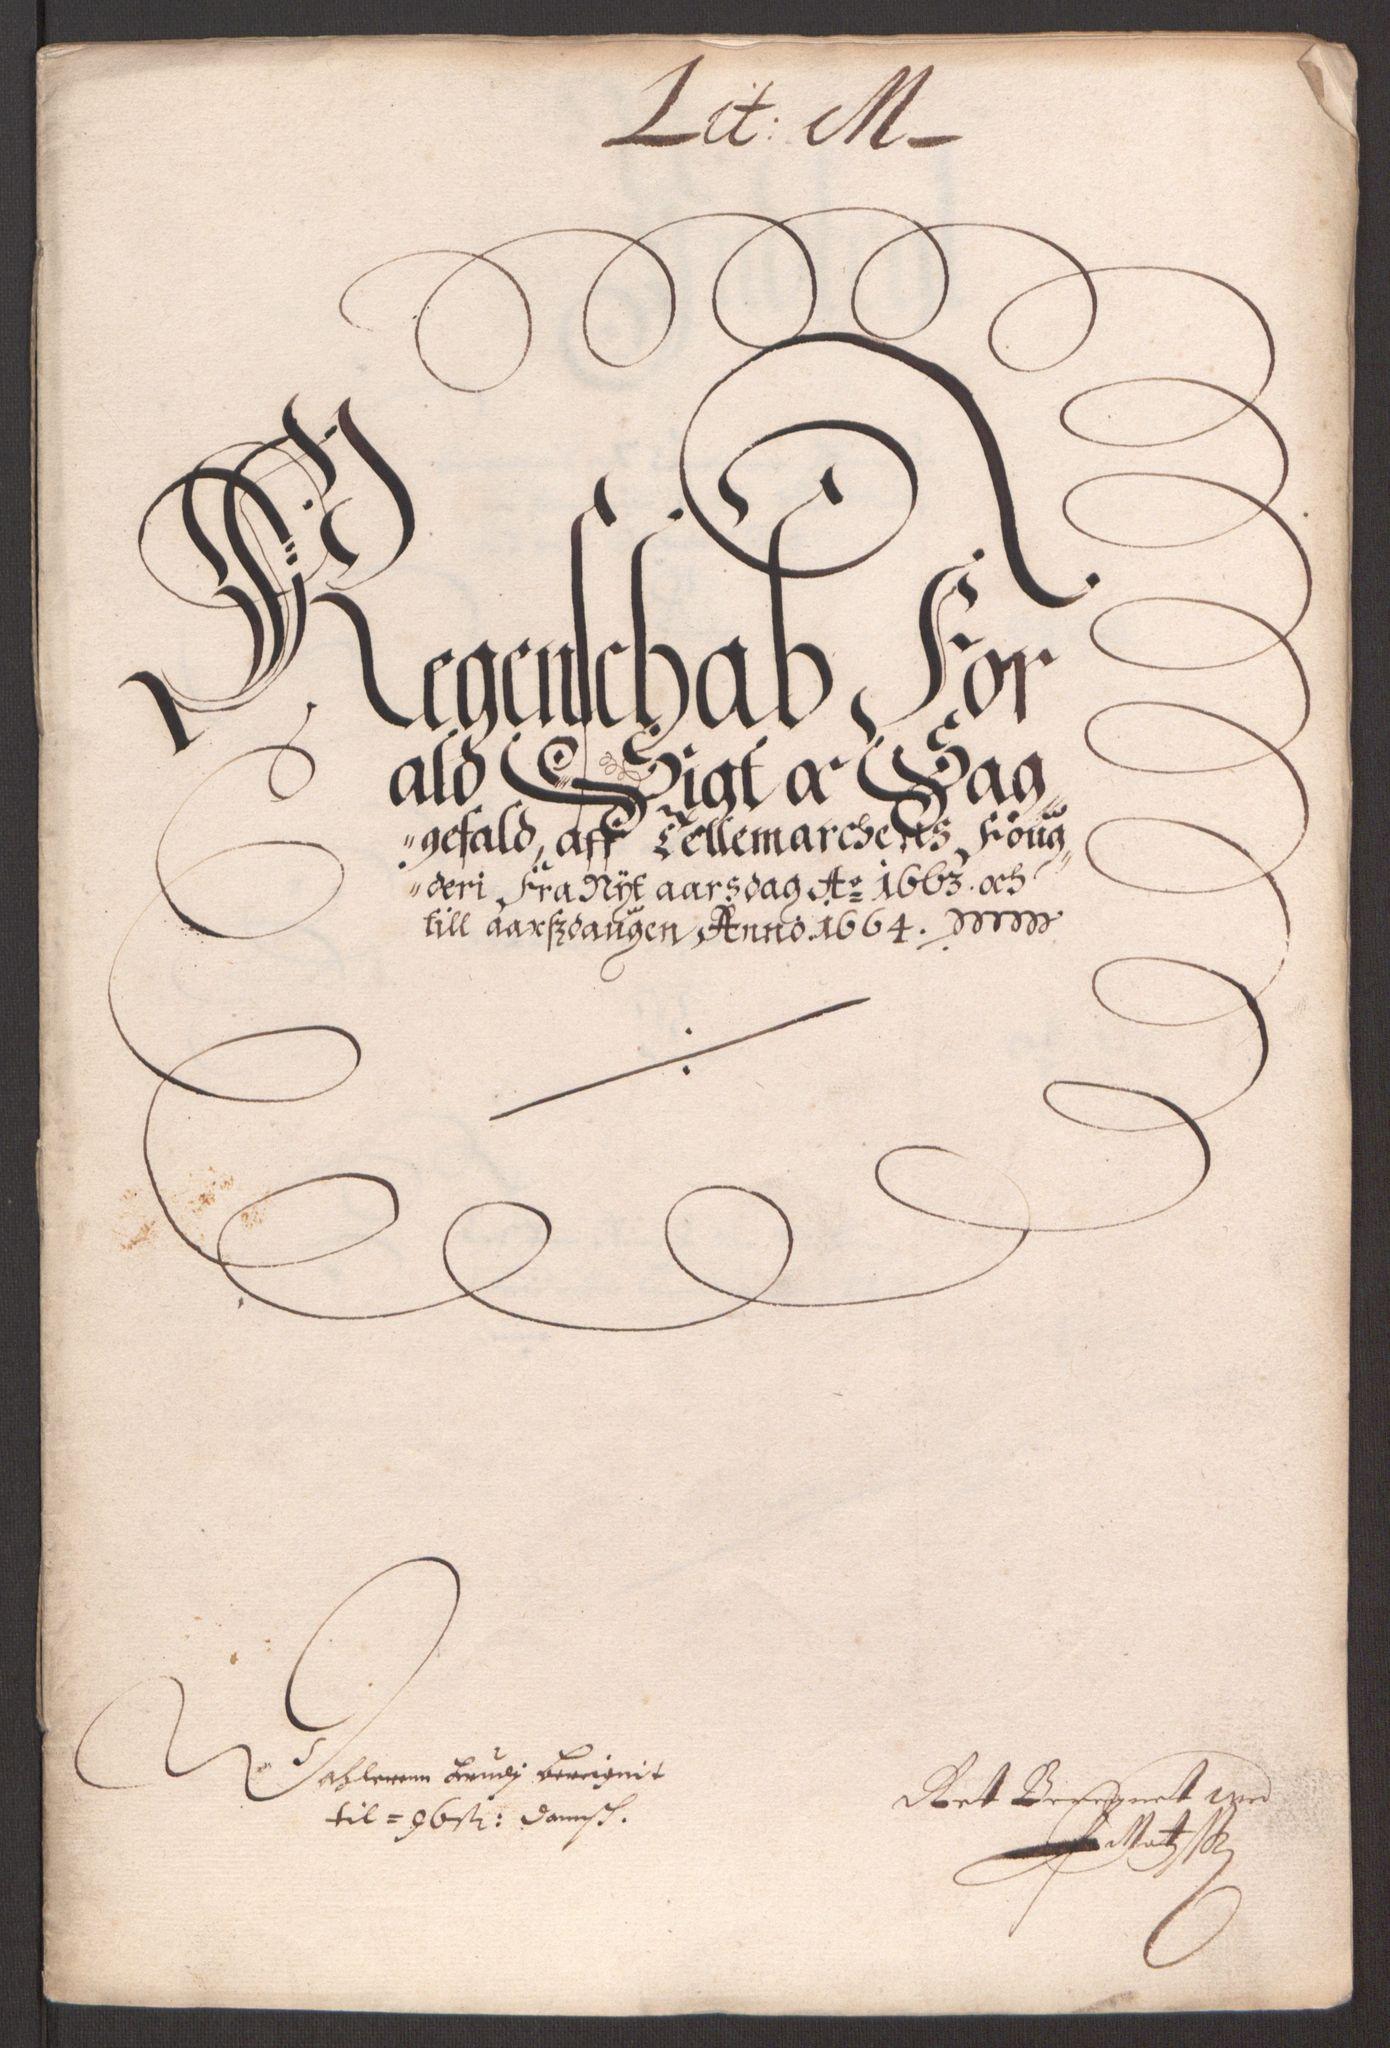 RA, Rentekammeret inntil 1814, Reviderte regnskaper, Fogderegnskap, R35/L2054: Fogderegnskap Øvre og Nedre Telemark, 1662-1663, s. 367